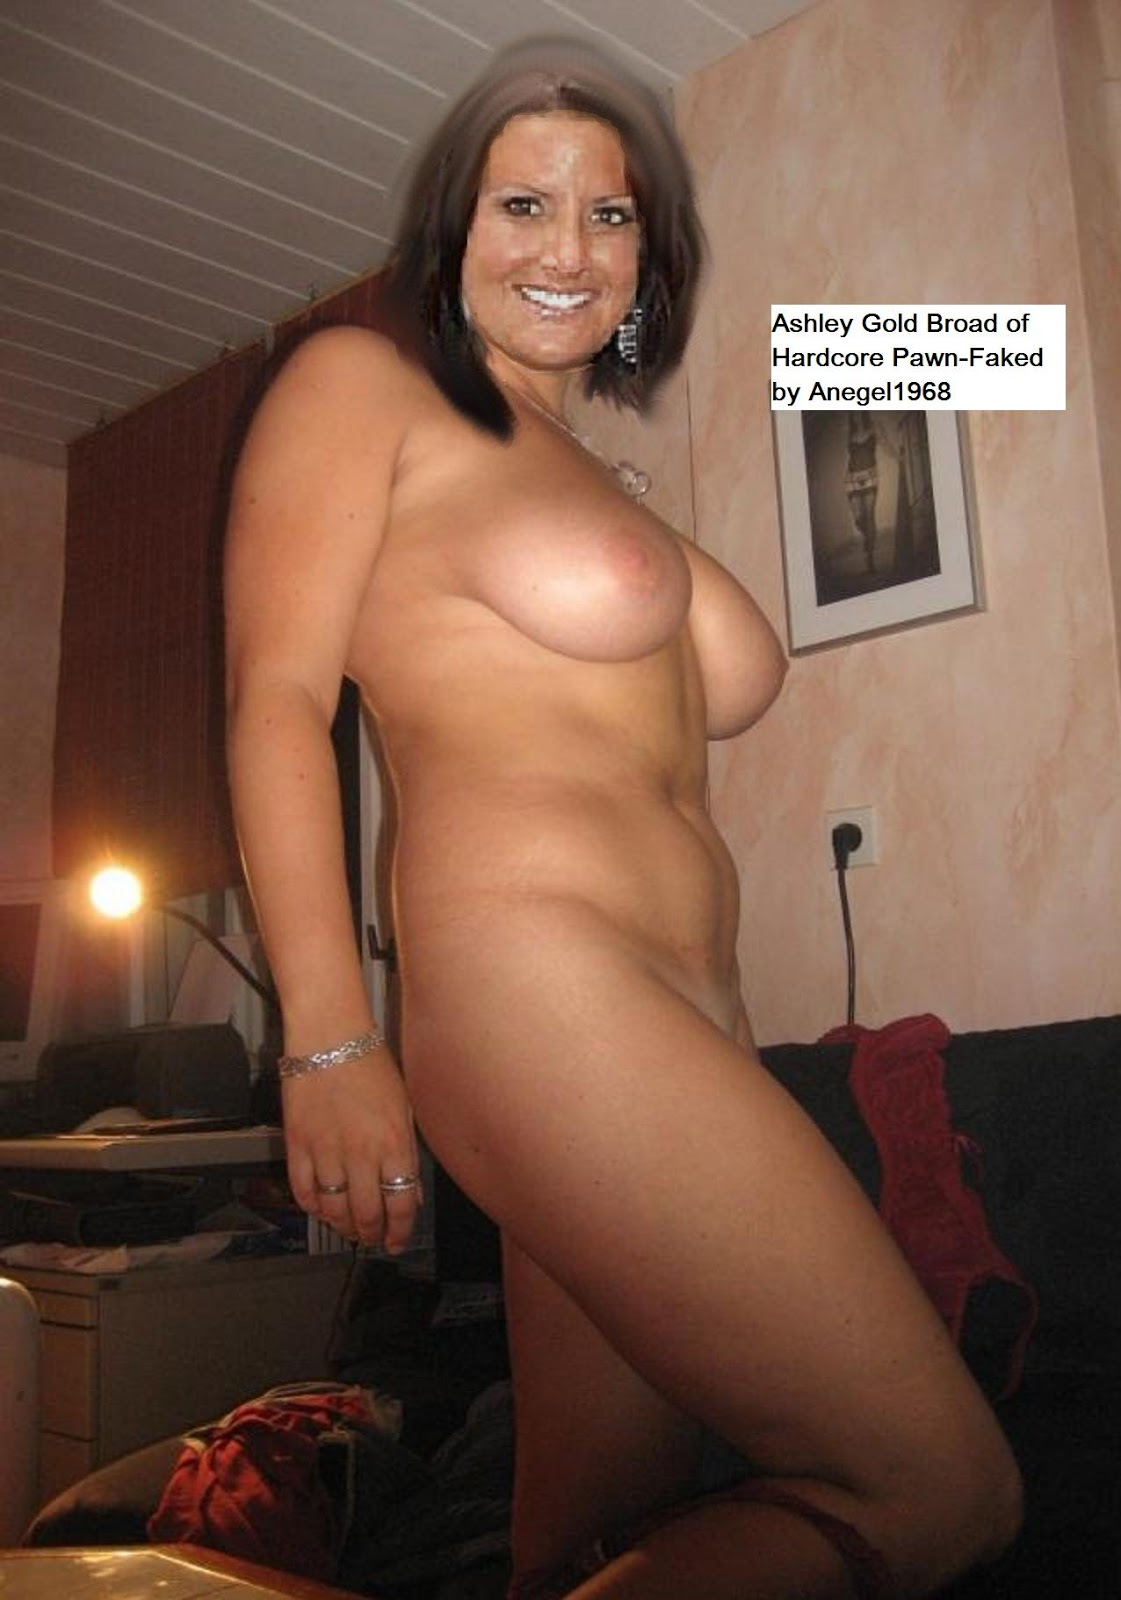 Hardcore Pawn Ashley Broad Gold Nude